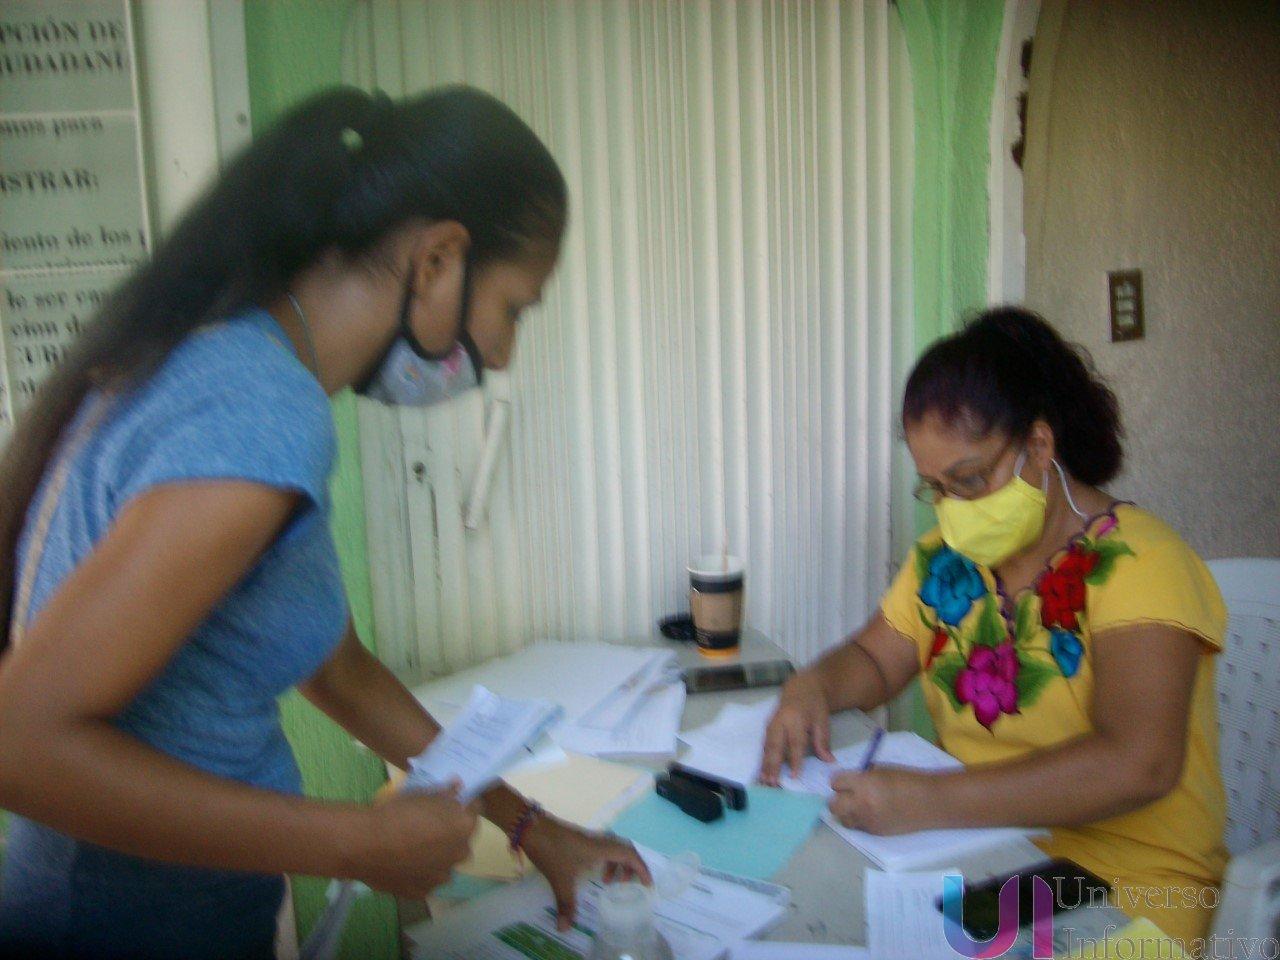 Con restricciones reanudaran actividades en el registro civil.